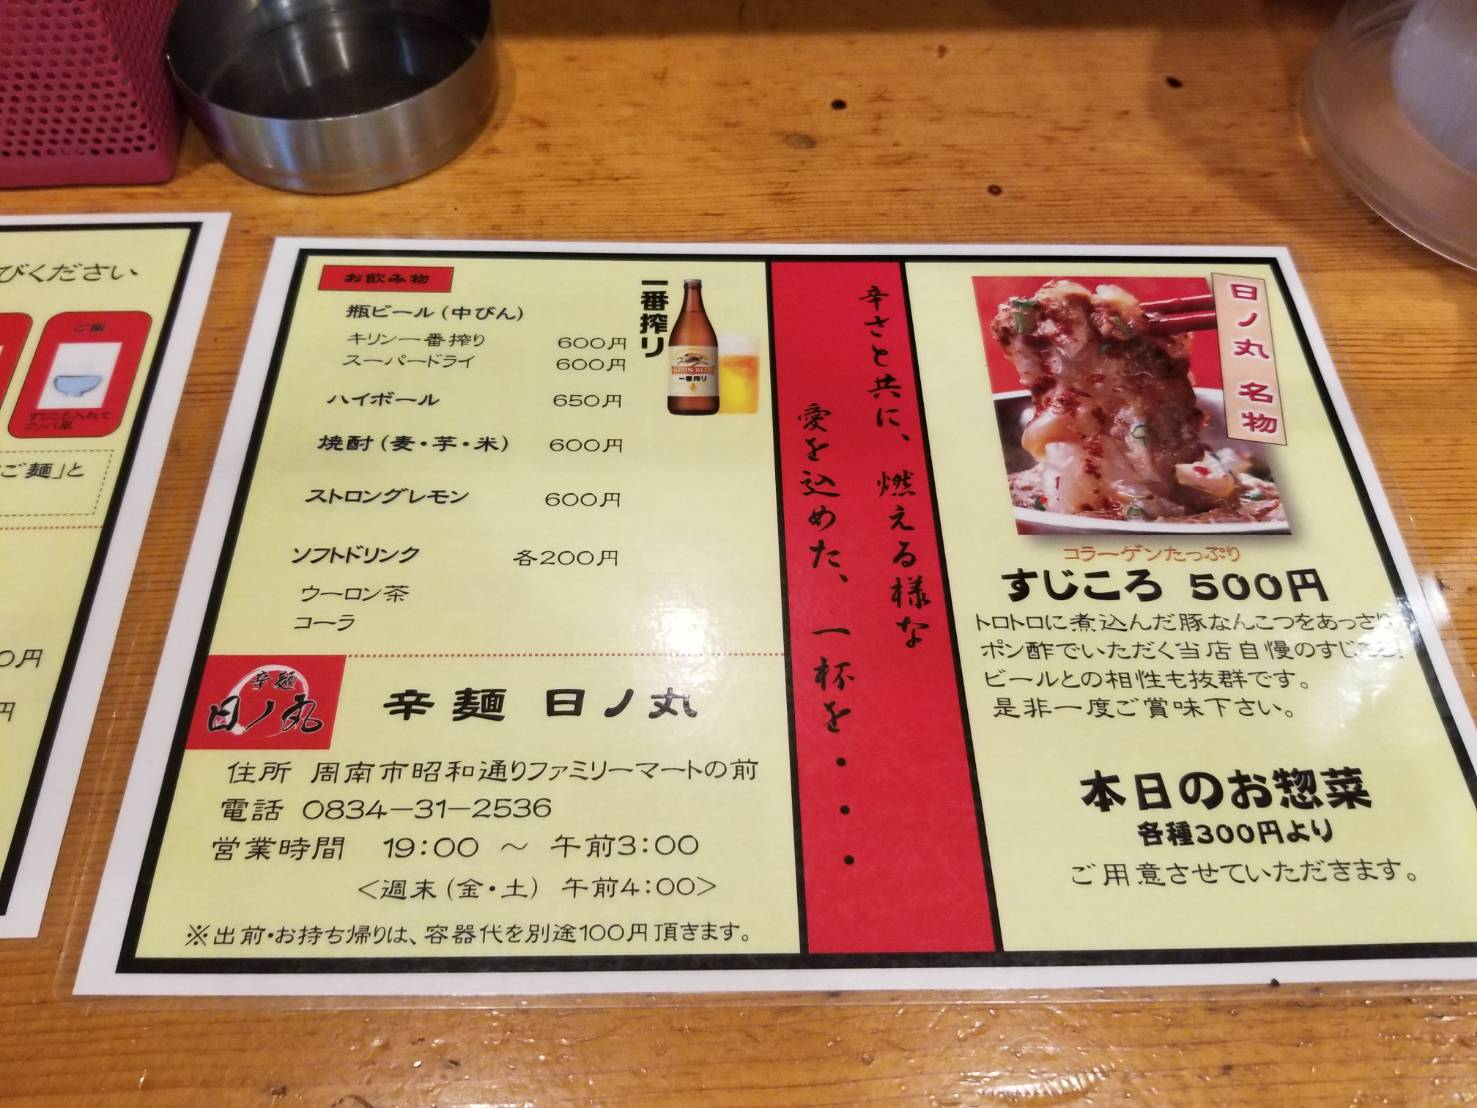 辛麺 日ノ丸 ドリンク、サイドメニュー